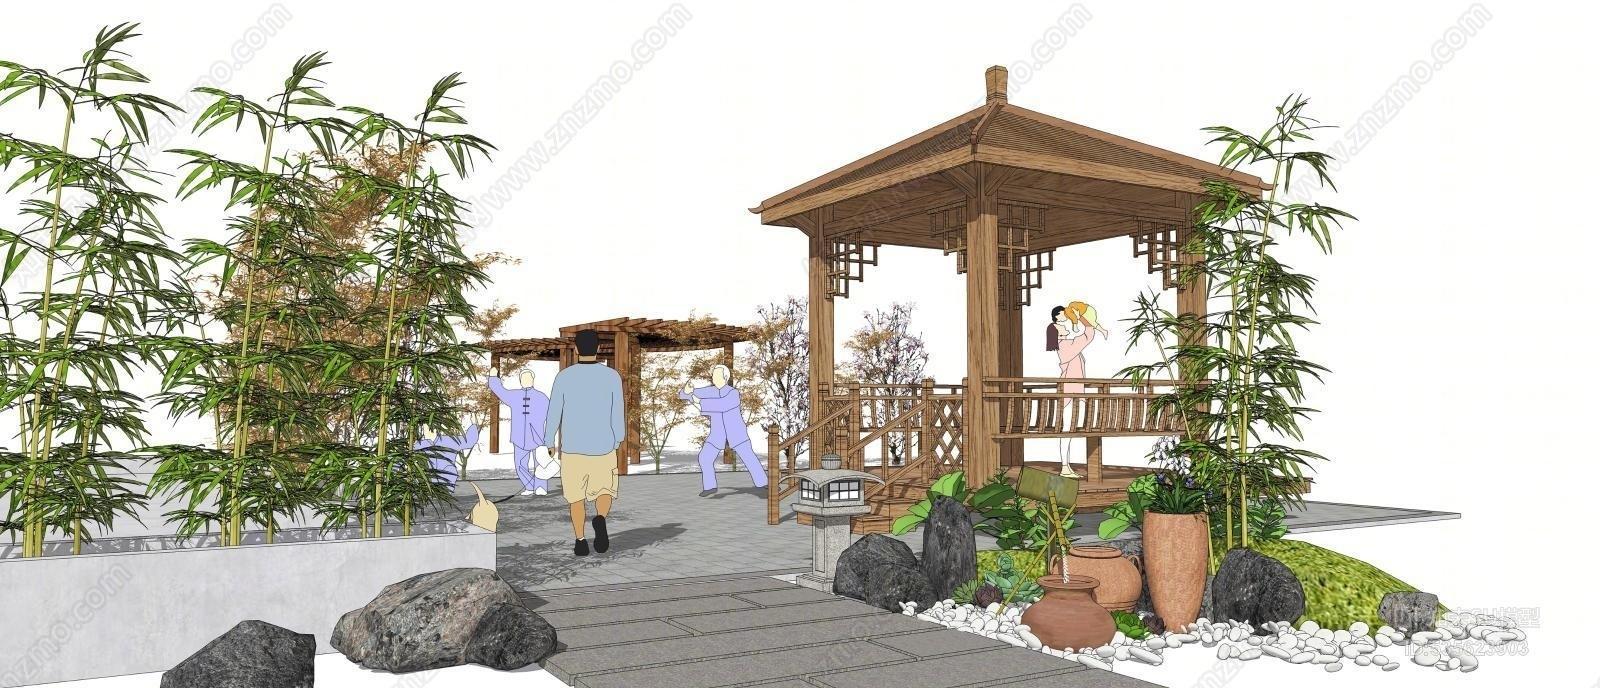 中式庭院凉亭 四角亭 竹子 石头 假山 石灯 廊架 植物组合